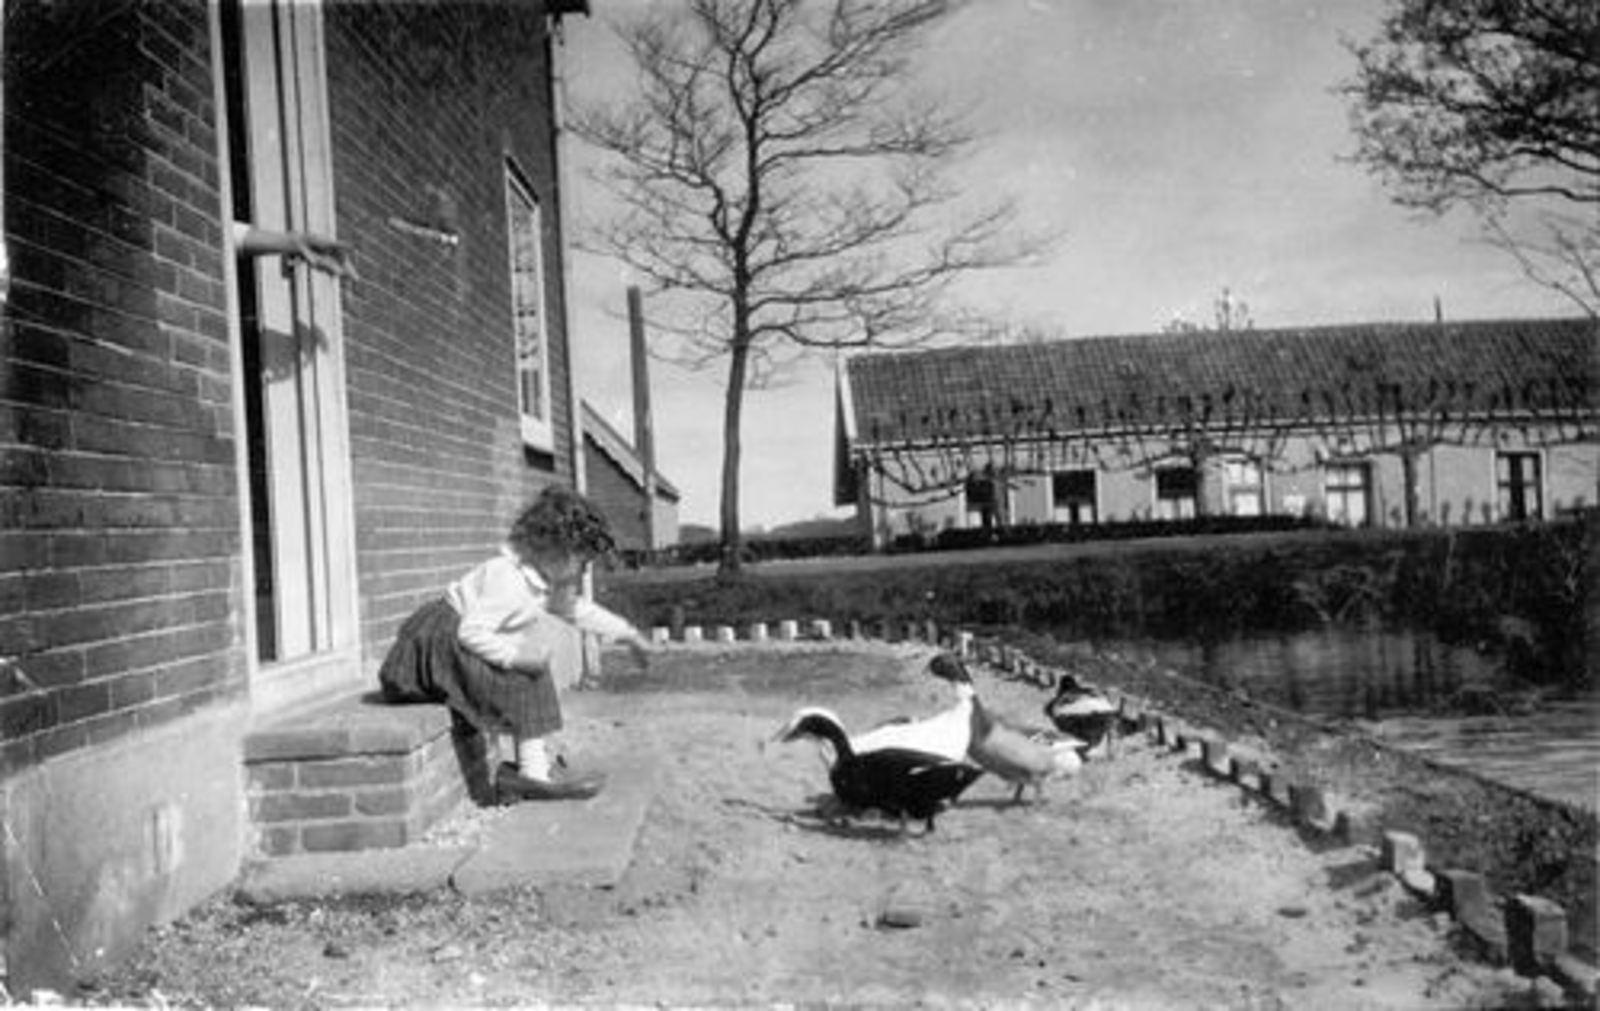 Pijpers Veronica 1957± 19__ op Stoepje Oosteinderweg 408